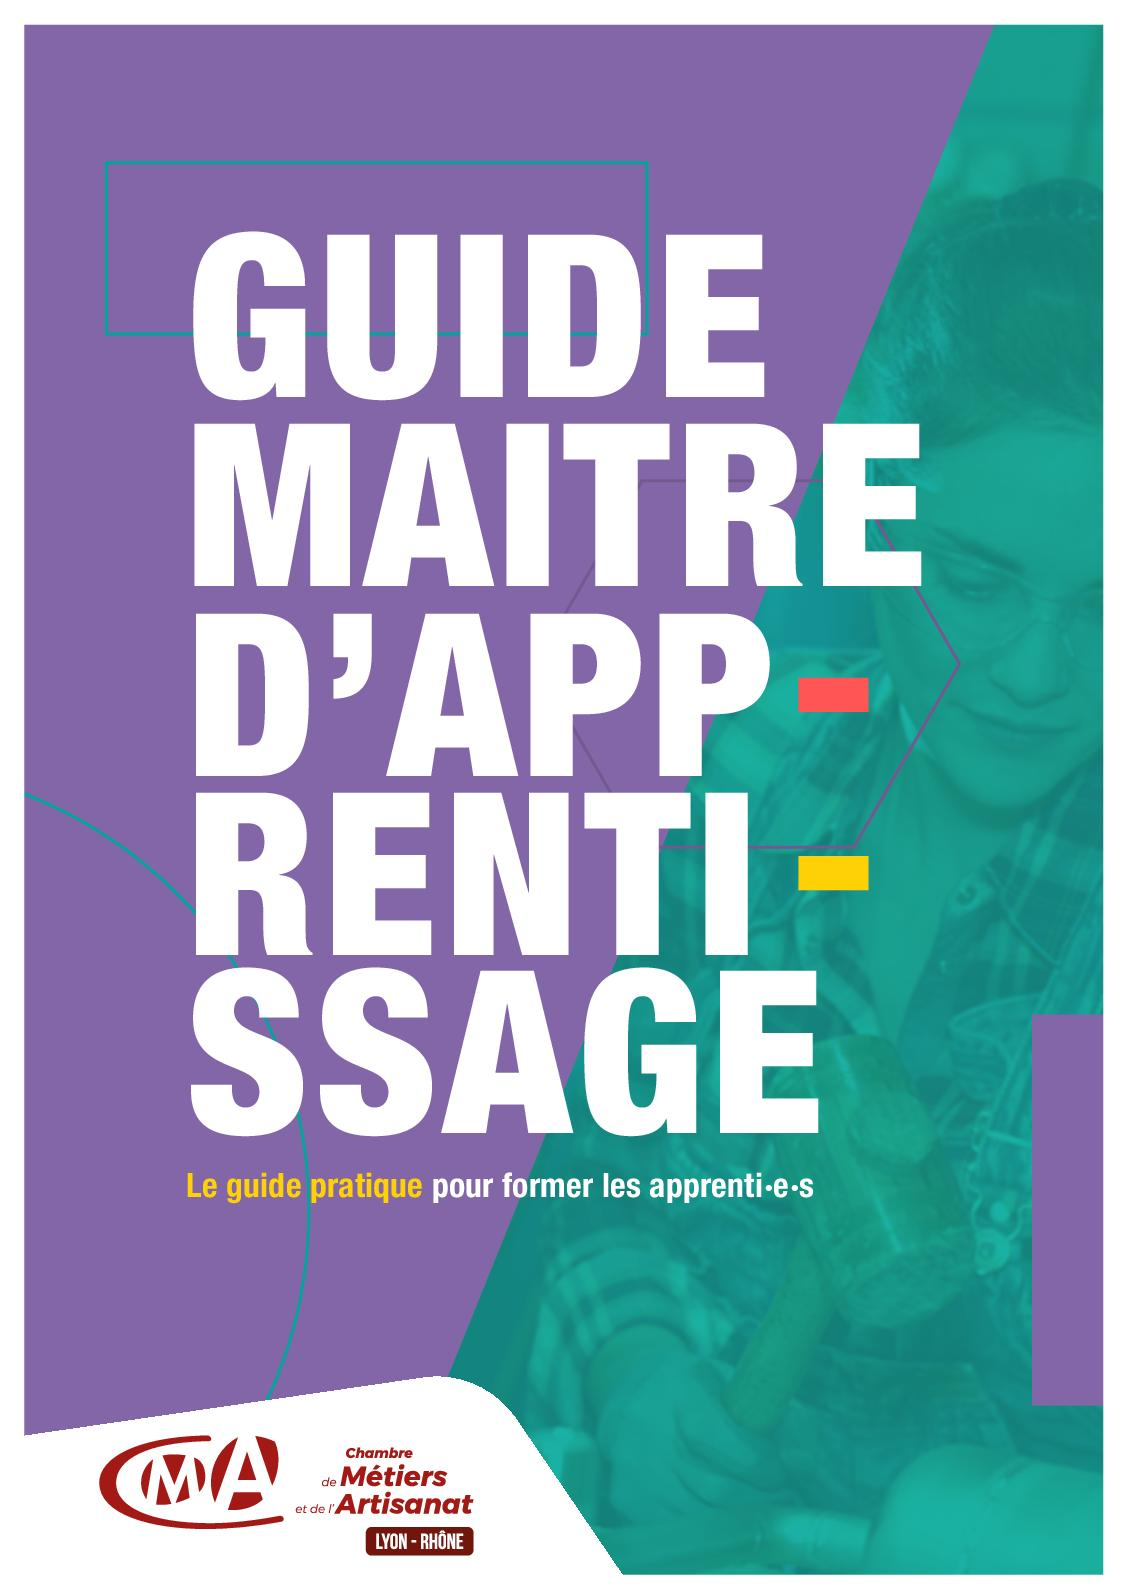 Calaméo Guide Maitre Apprentissage 2019